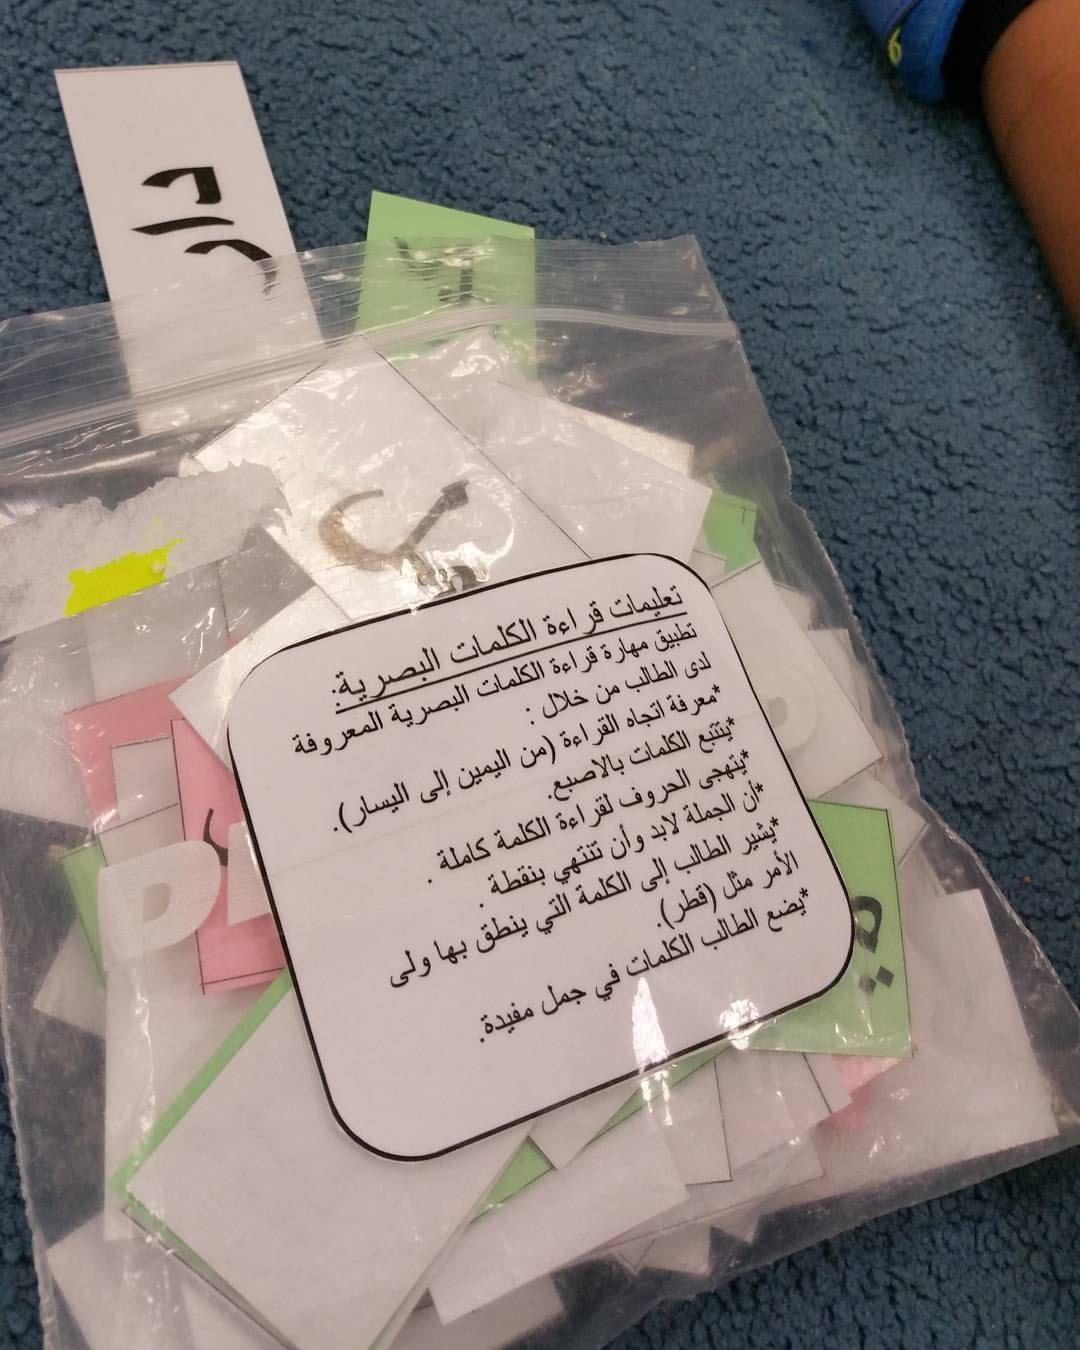 جميلة الشمري On Instagram تعليمات قراءة الكلمات البصرية لطلاب التمهيدي تم إضافة نقطة جديدة لأن المستوى Learning Arabic Learn Arabic Language Teach Arabic